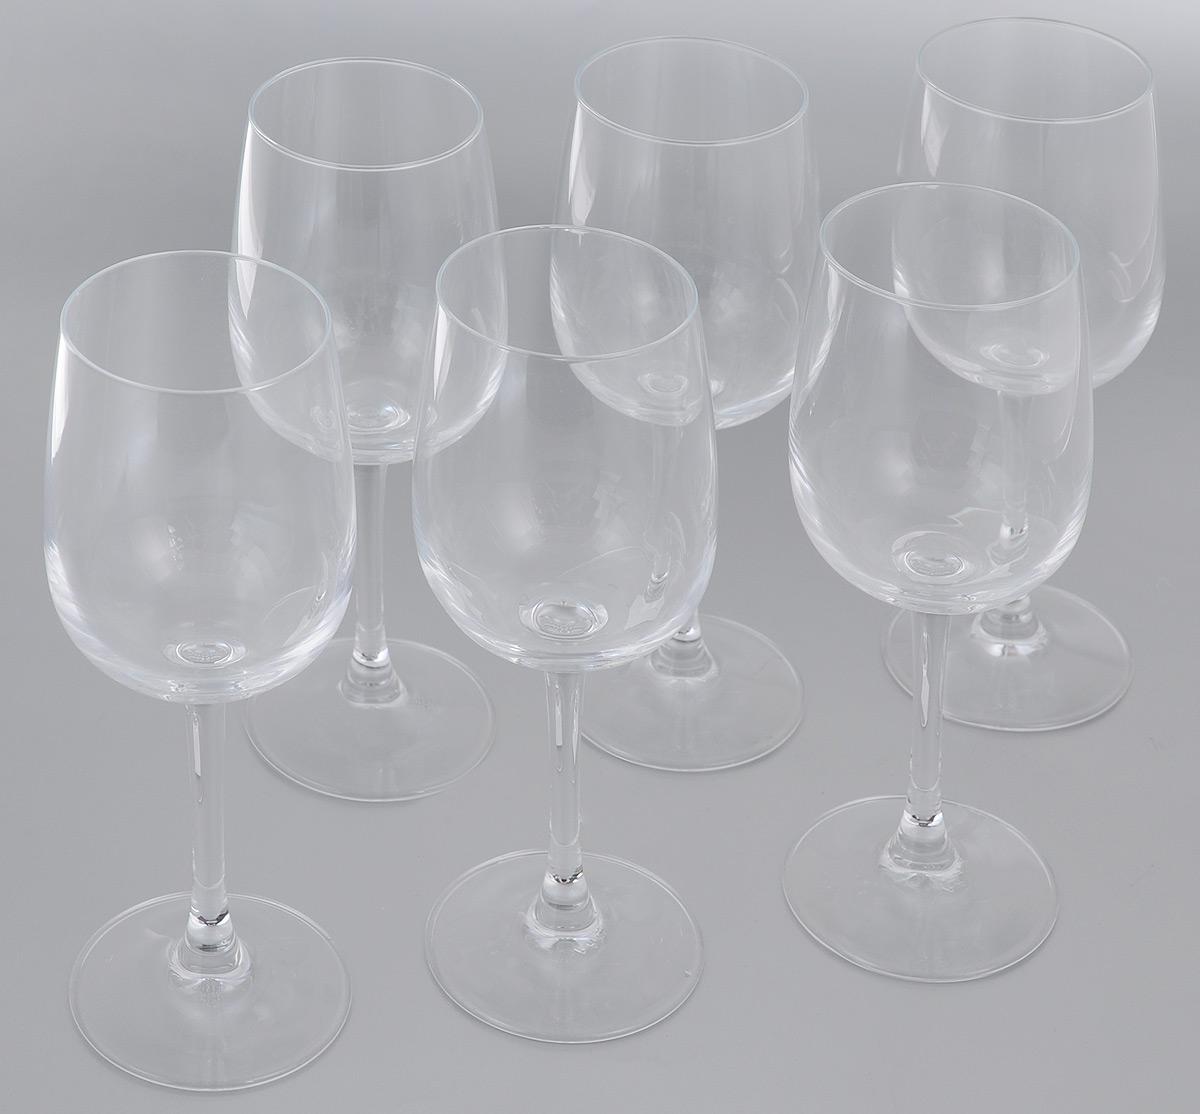 Набор фужеров для вина Luminarc Versailles, 275 мл, 6 штGE01-1689Набор Luminarc Versailles состоит из шести фужеров, выполненных из прочного стекла. Изделия оснащены высокими ножками. Фужеры предназначены для подачи вина. Они сочетают в себе элегантный дизайн и функциональность. Благодаря такому набору пить напитки будет еще вкуснее.Набор фужеров Luminarc Versailles прекрасно оформит праздничный стол и создаст приятную атмосферу за романтическим ужином. Такой набор также станет хорошим подарком к любому случаю. Можно мыть в посудомоечной машине.Диаметр фужера (по верхнему краю): 6 см. Высота фужера: 19,5 см.